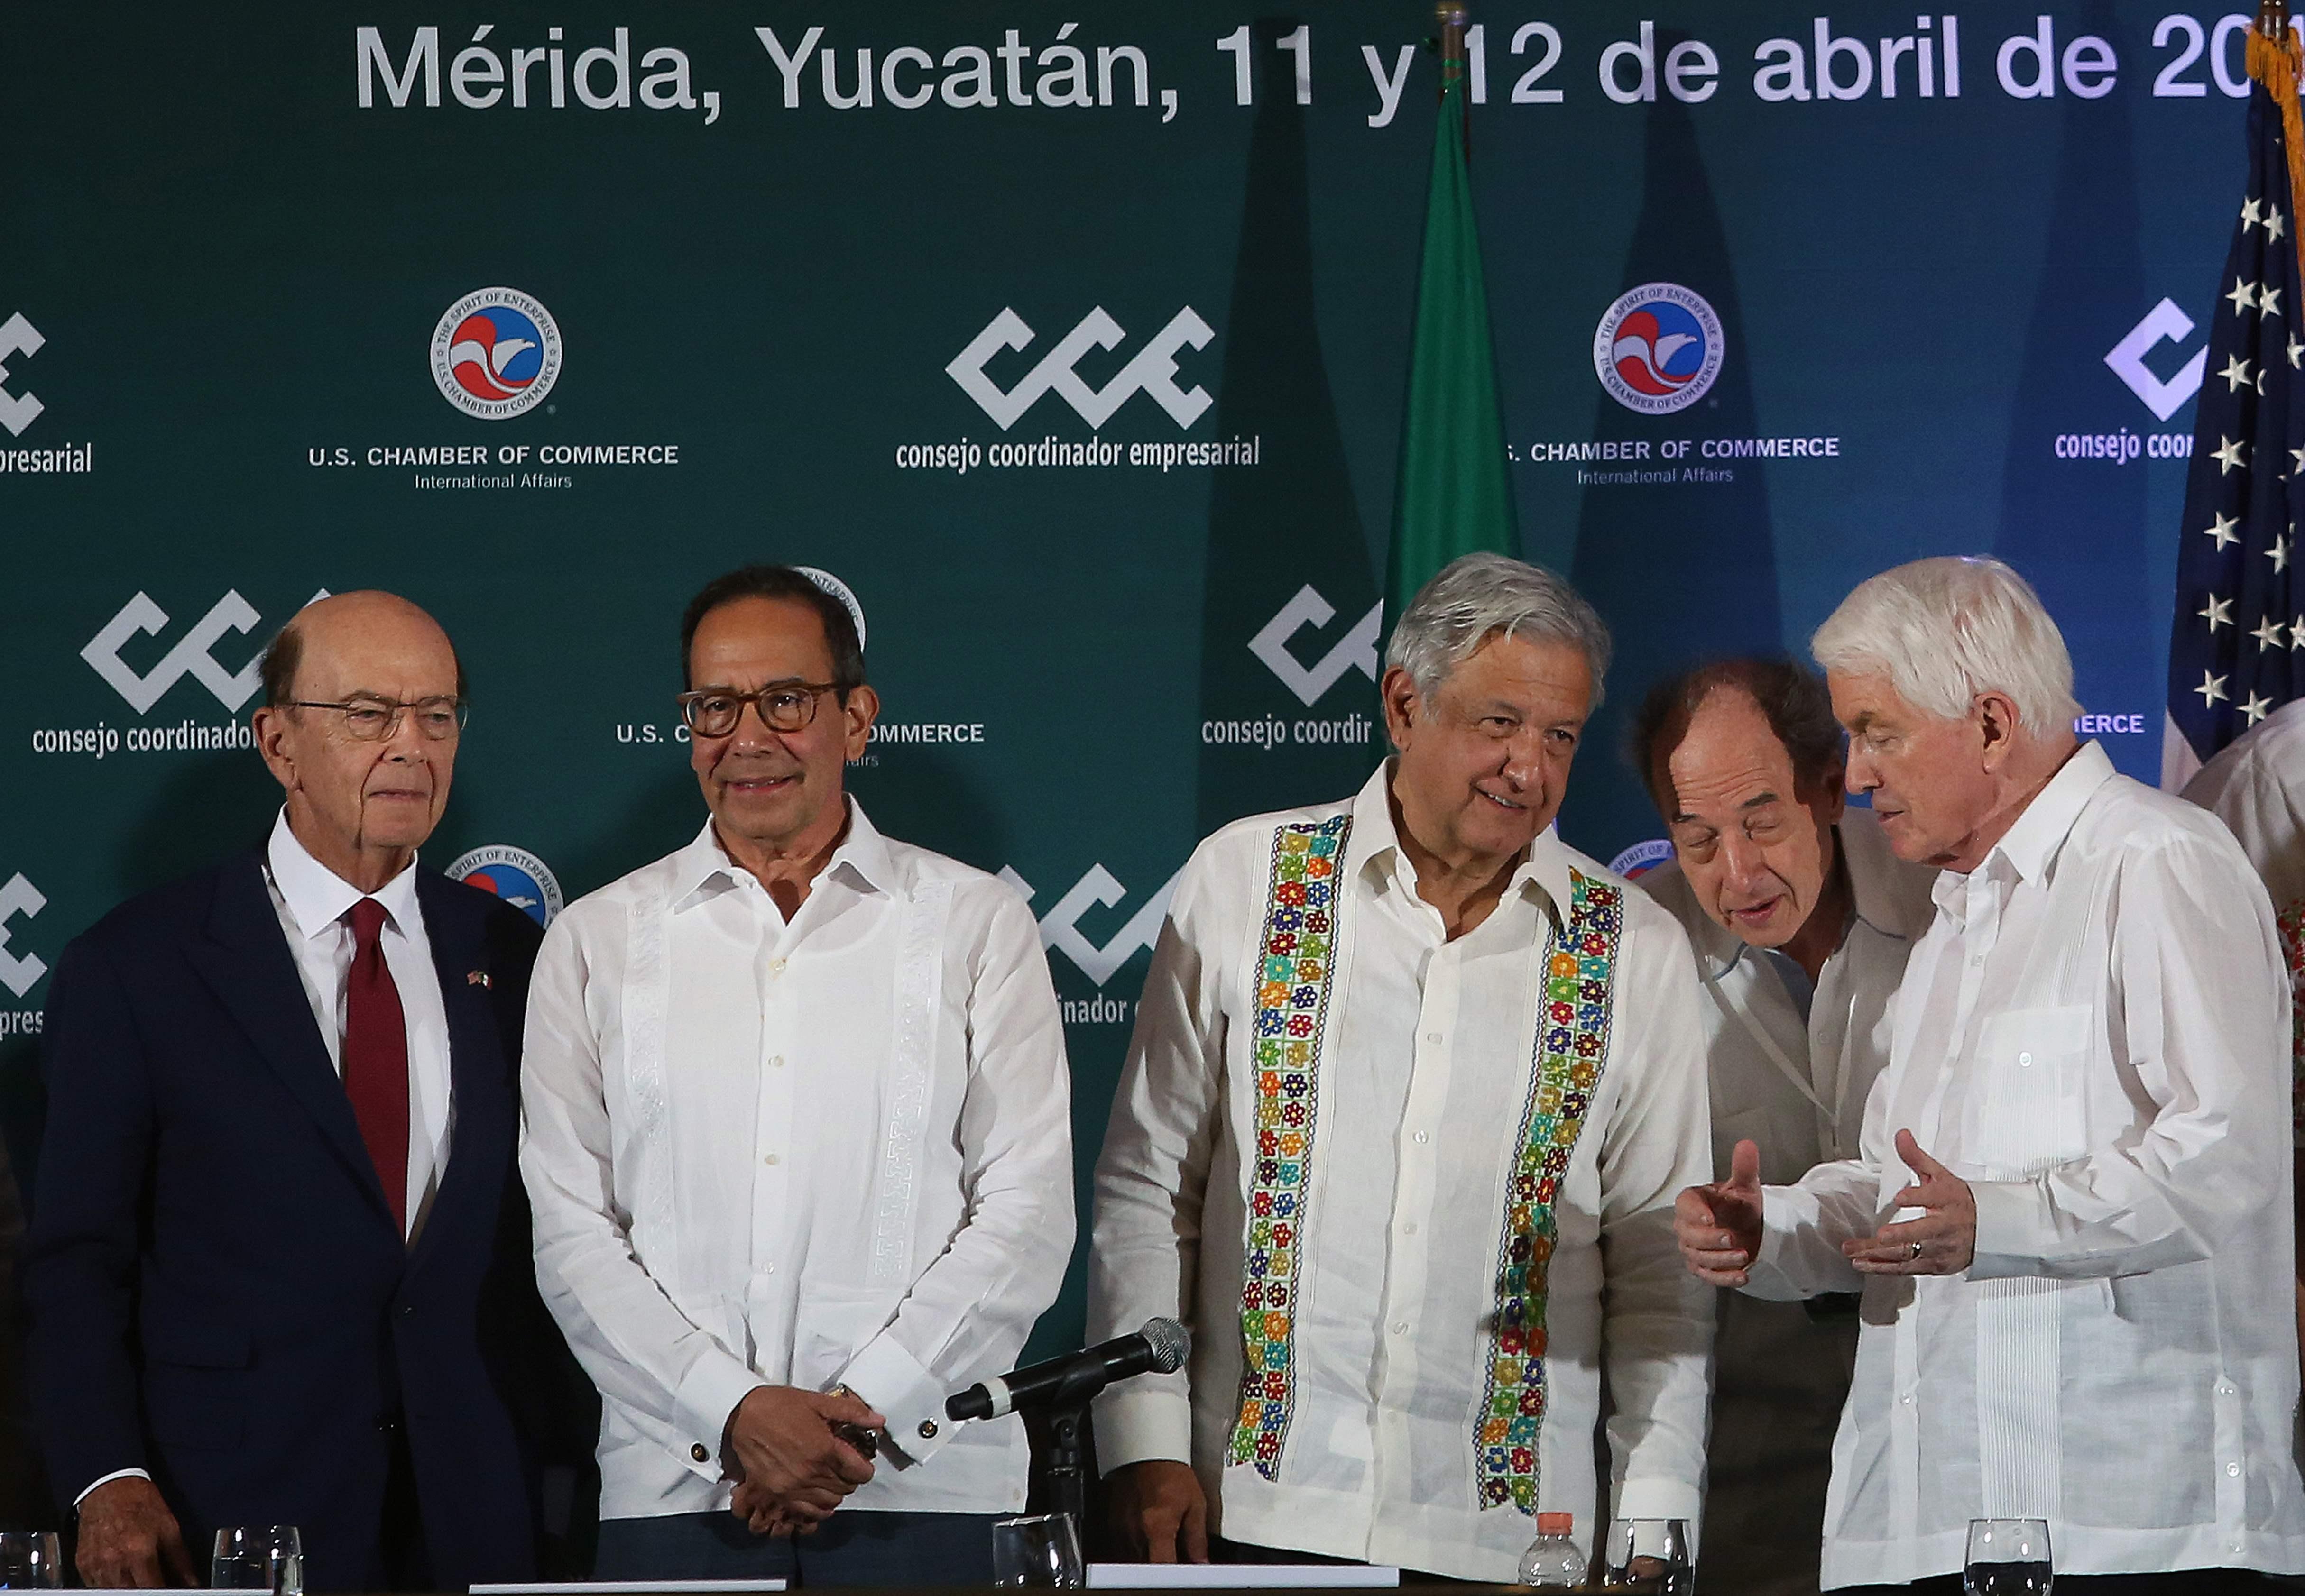 Wilbur Ross, secretario de Comercio de Estados Unidos, izquierda, participó en Mérida junto al presidente de México, Andrés Manuel López Obrador, centro, en un encuentro de empresarios para impulsar un plan regional de inversiones el pasado viernes. (Foto Prensa Libre: AFP)